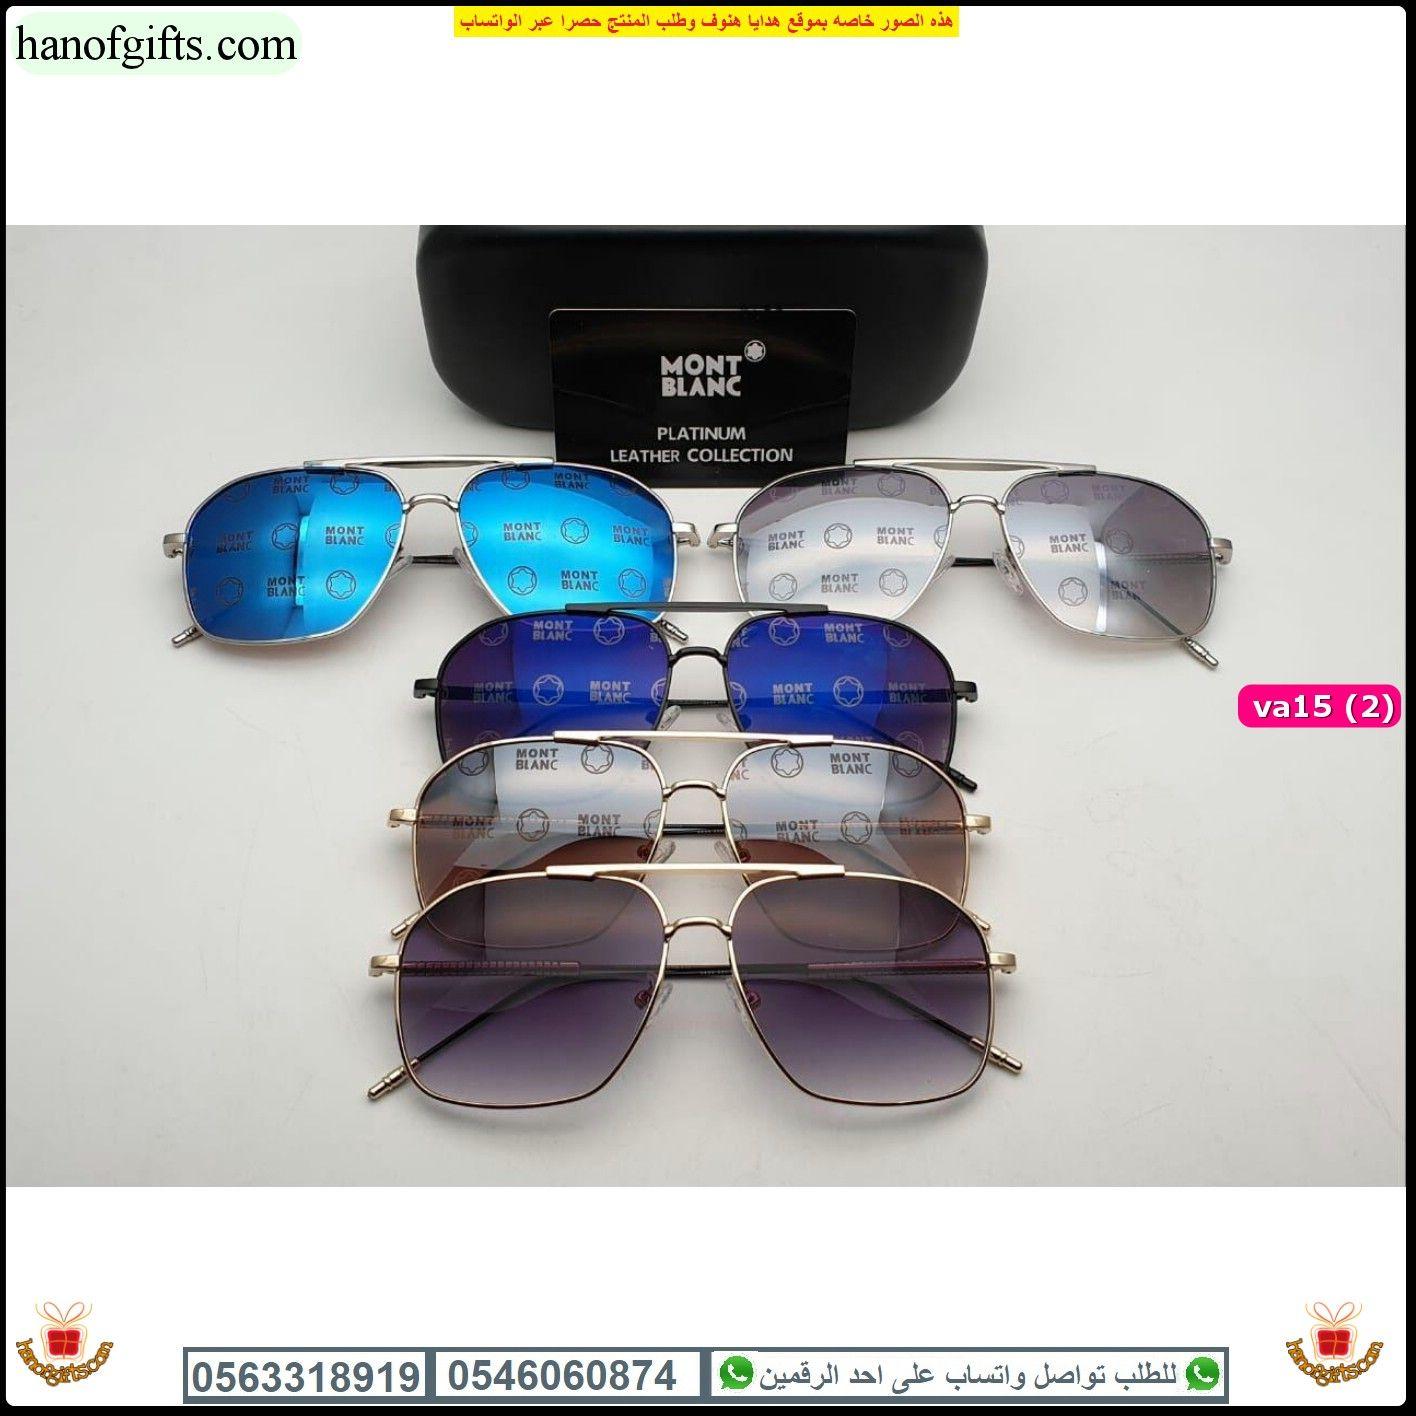 نظارات مونت بلانك رجاليه Mont Blanc مع جميع ملحقاتها و بنفس اسم الماركه هدايا هنوف Sunglasses Glasses Fashion